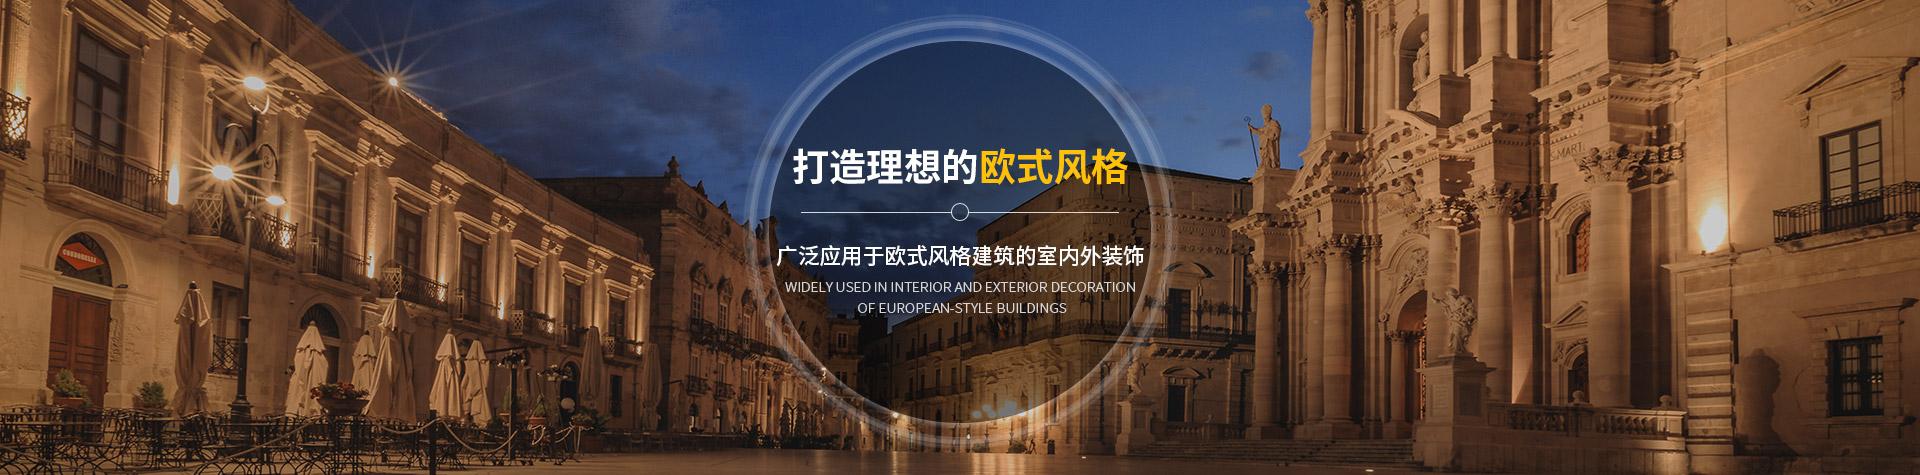 上海GRC构件找谁 推荐咨询 苏州利维克装饰材料供应